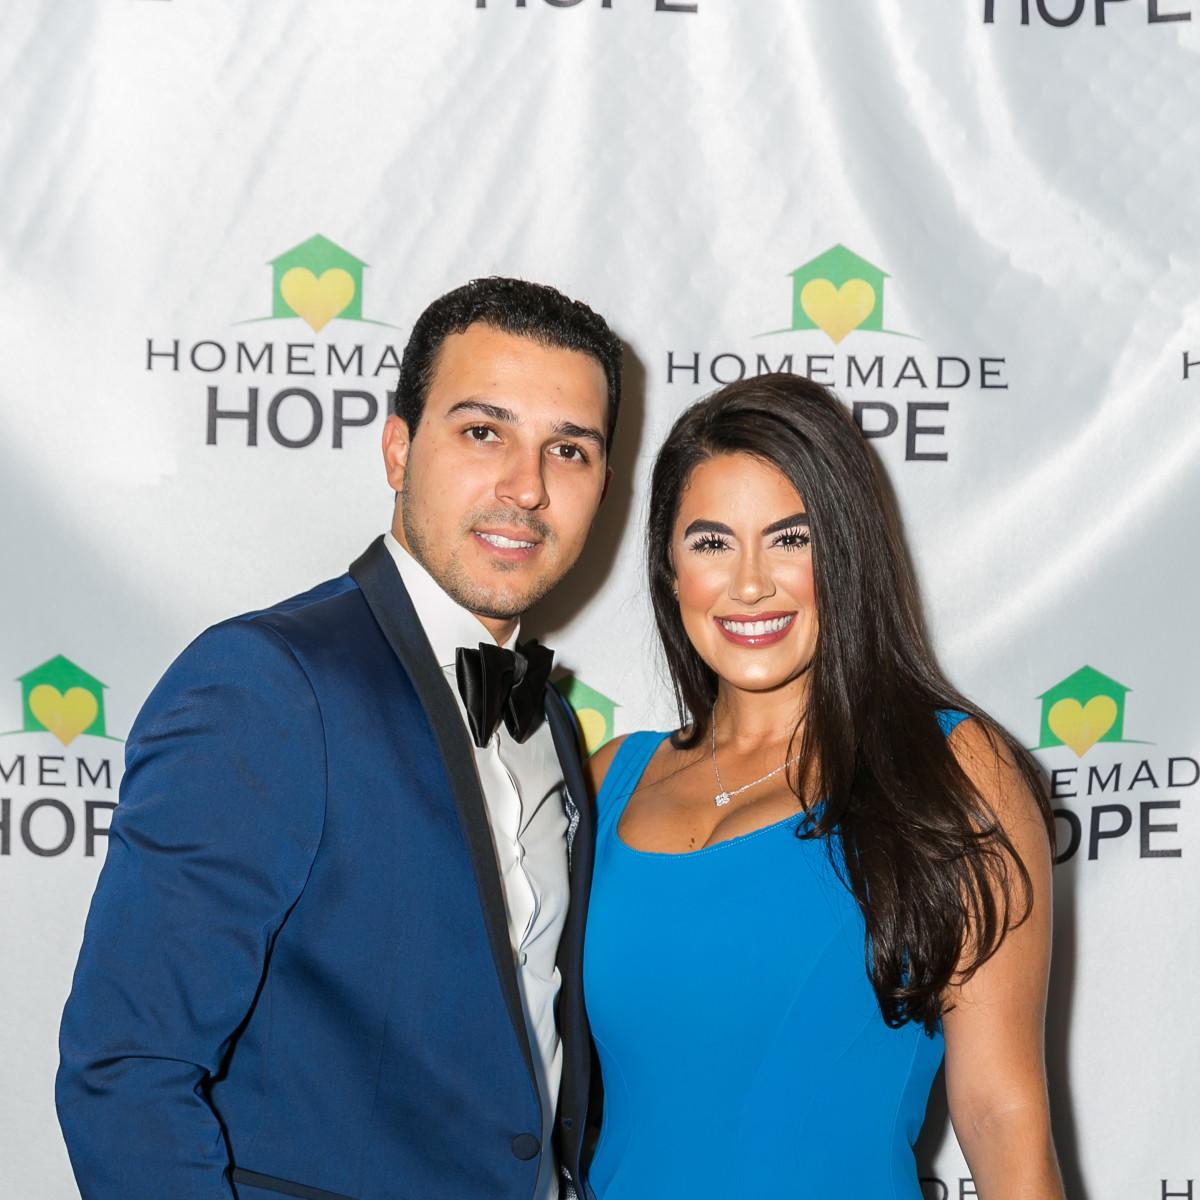 Homemade Hope Gala Amad Saber Tiffany LaRose